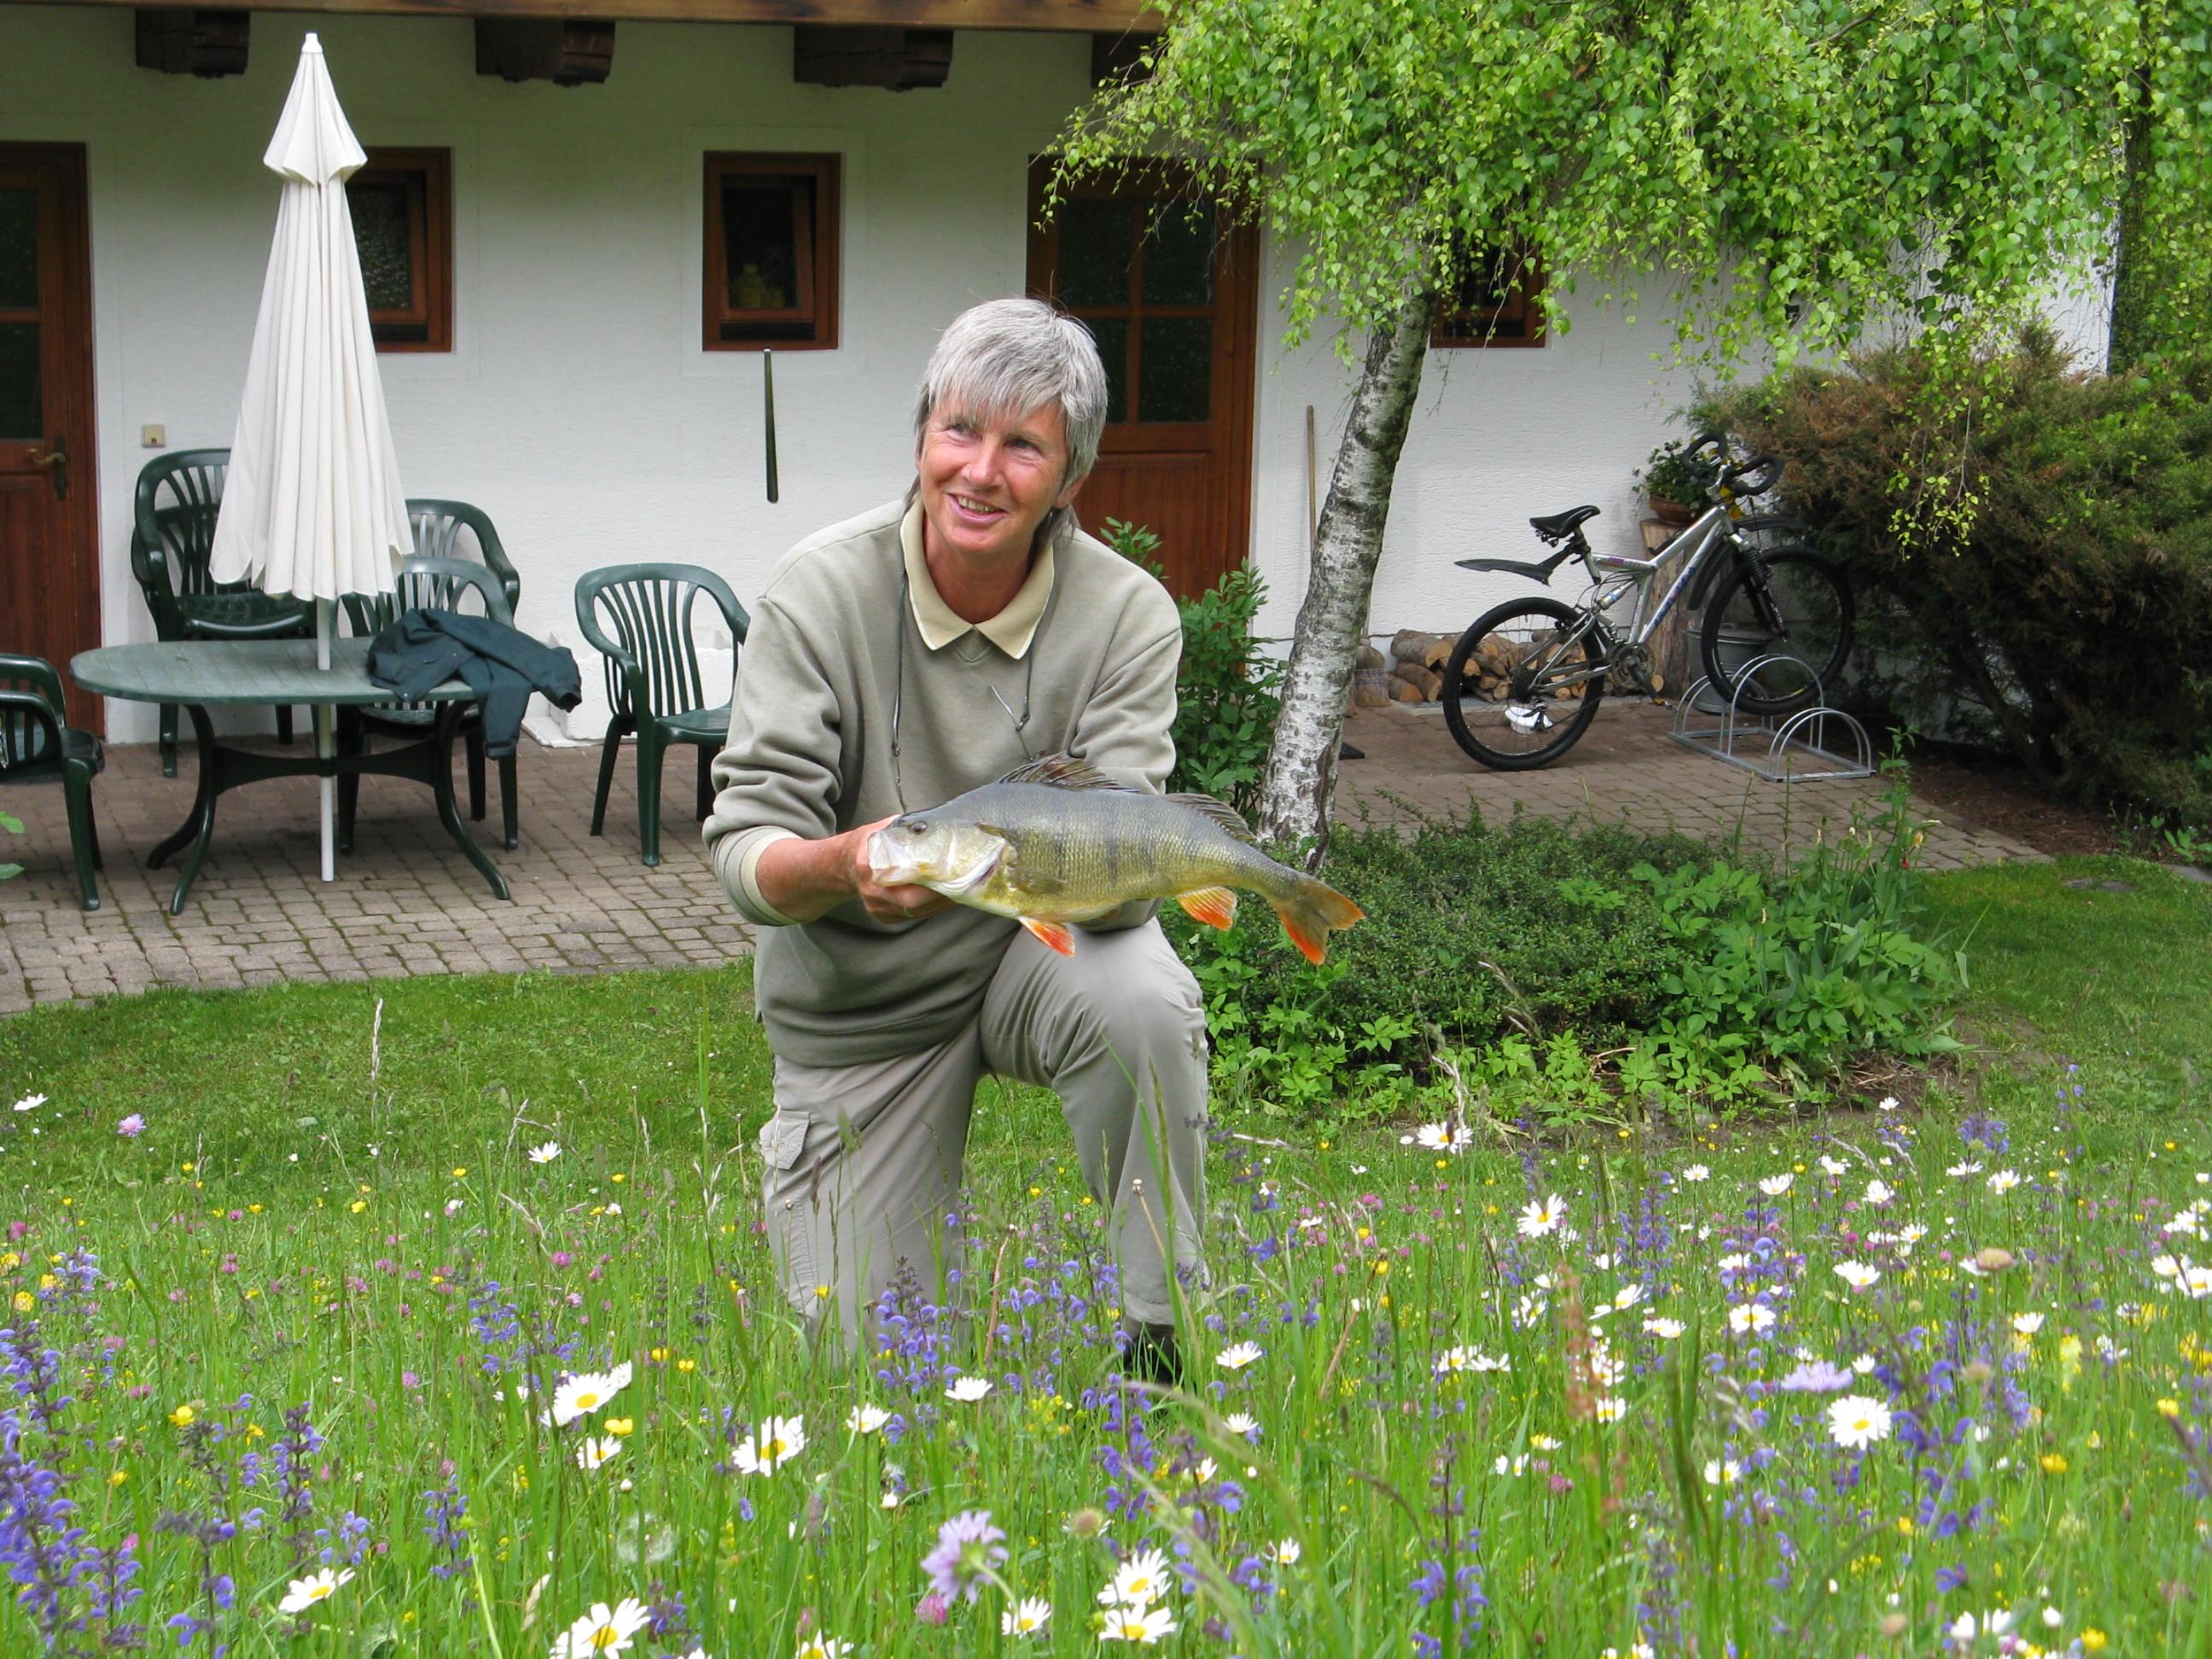 CHALETS ZÖHRER - Wohnen am Wasser _ Feri